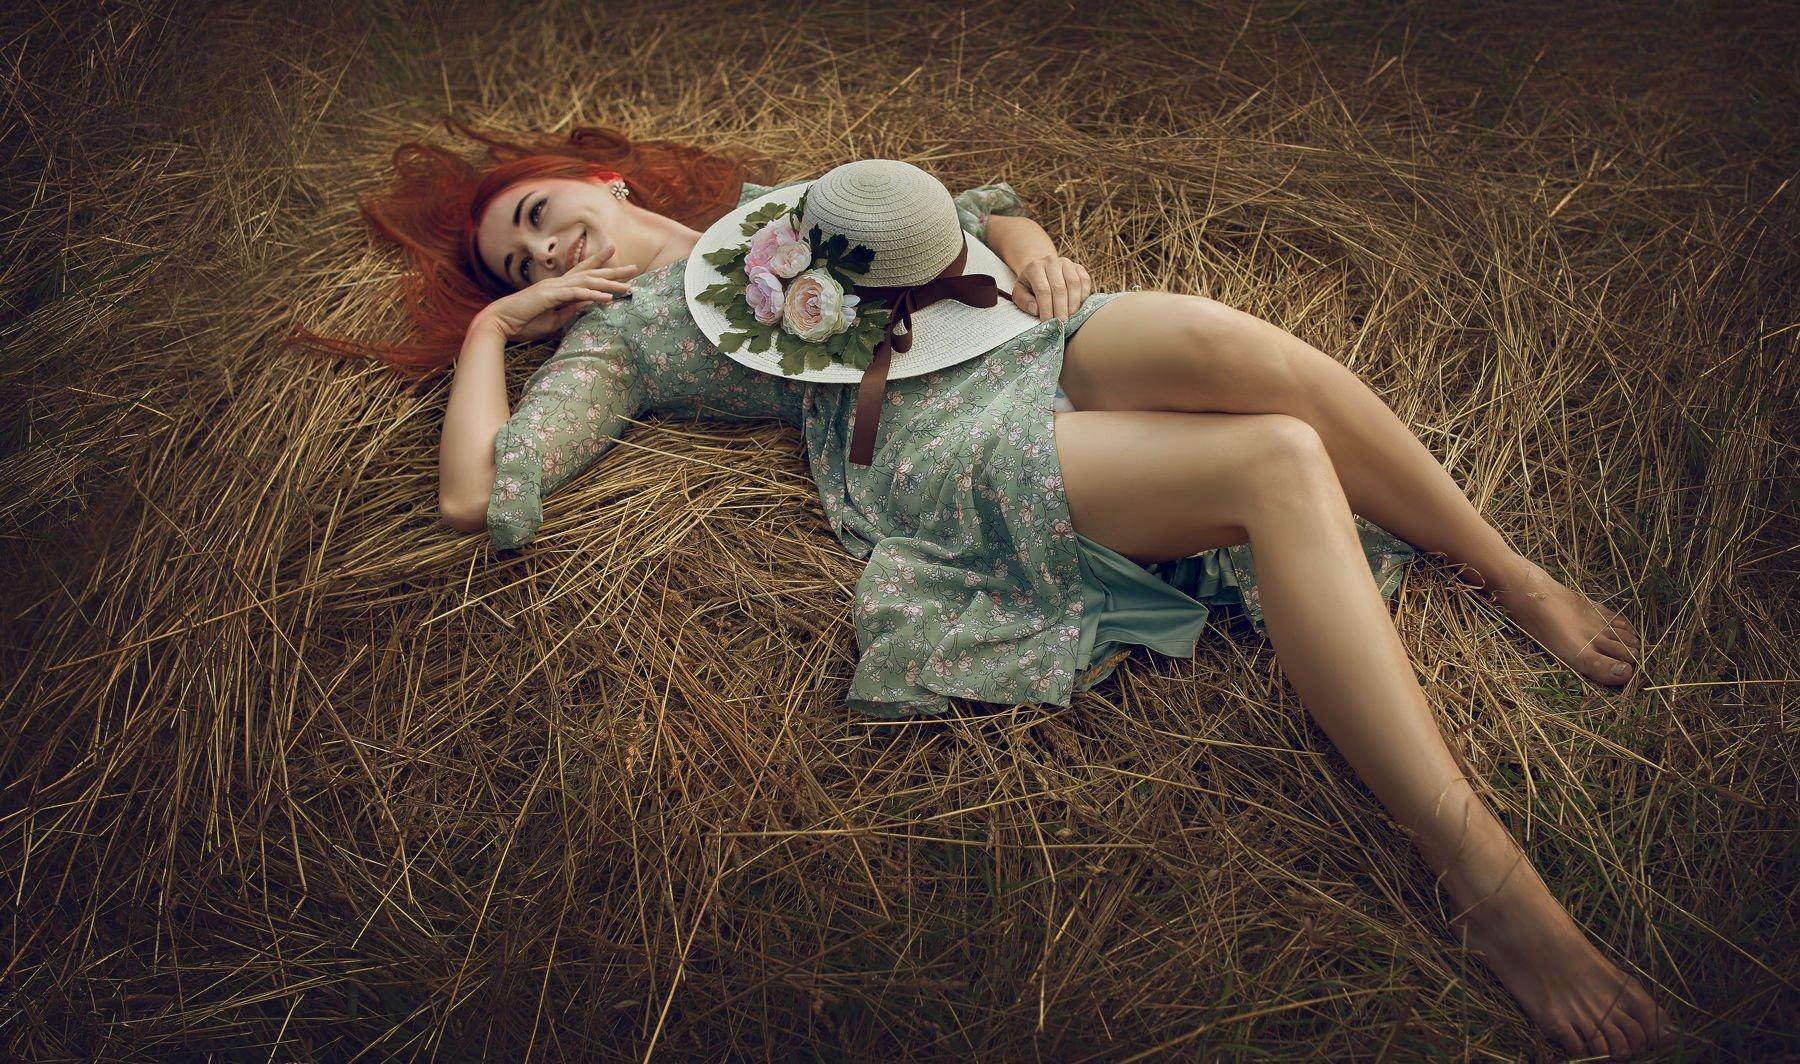 портрет, стритфото, девушка, модель, жанр, сеновал, rekhov, Рехов Сергей